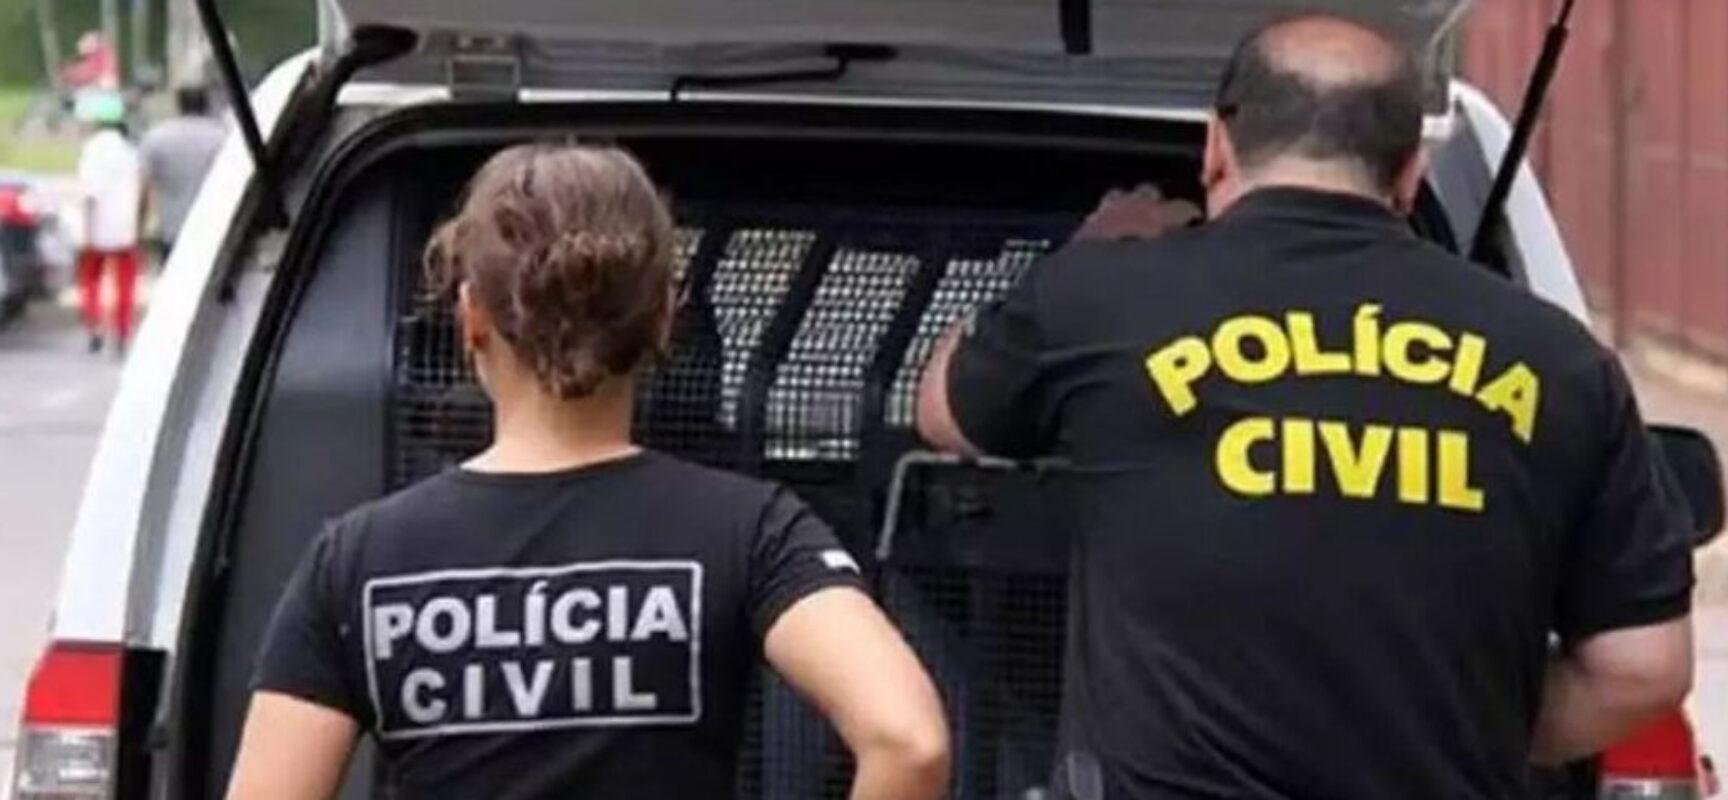 Deputado comenta PEC que visa transformar Guarda Civil em policia